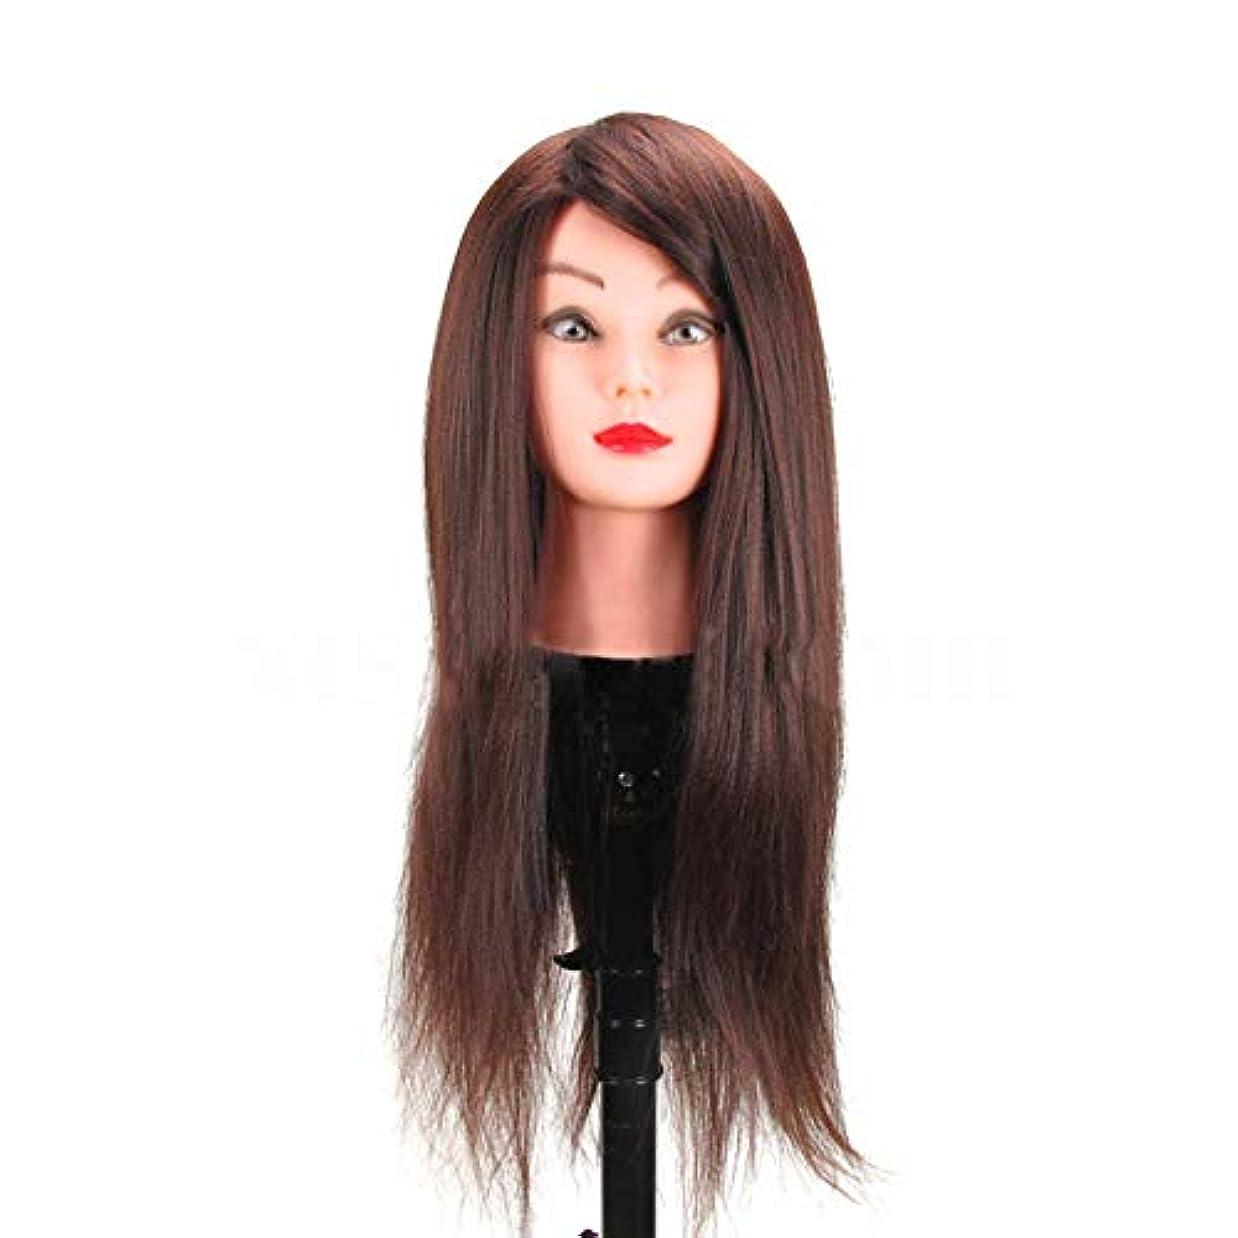 ぶどう音楽家破産高温シルク編組ヘアスタイリングヘッドモデル理髪店理髪ダミーヘッド化粧練習マネキンヘッド